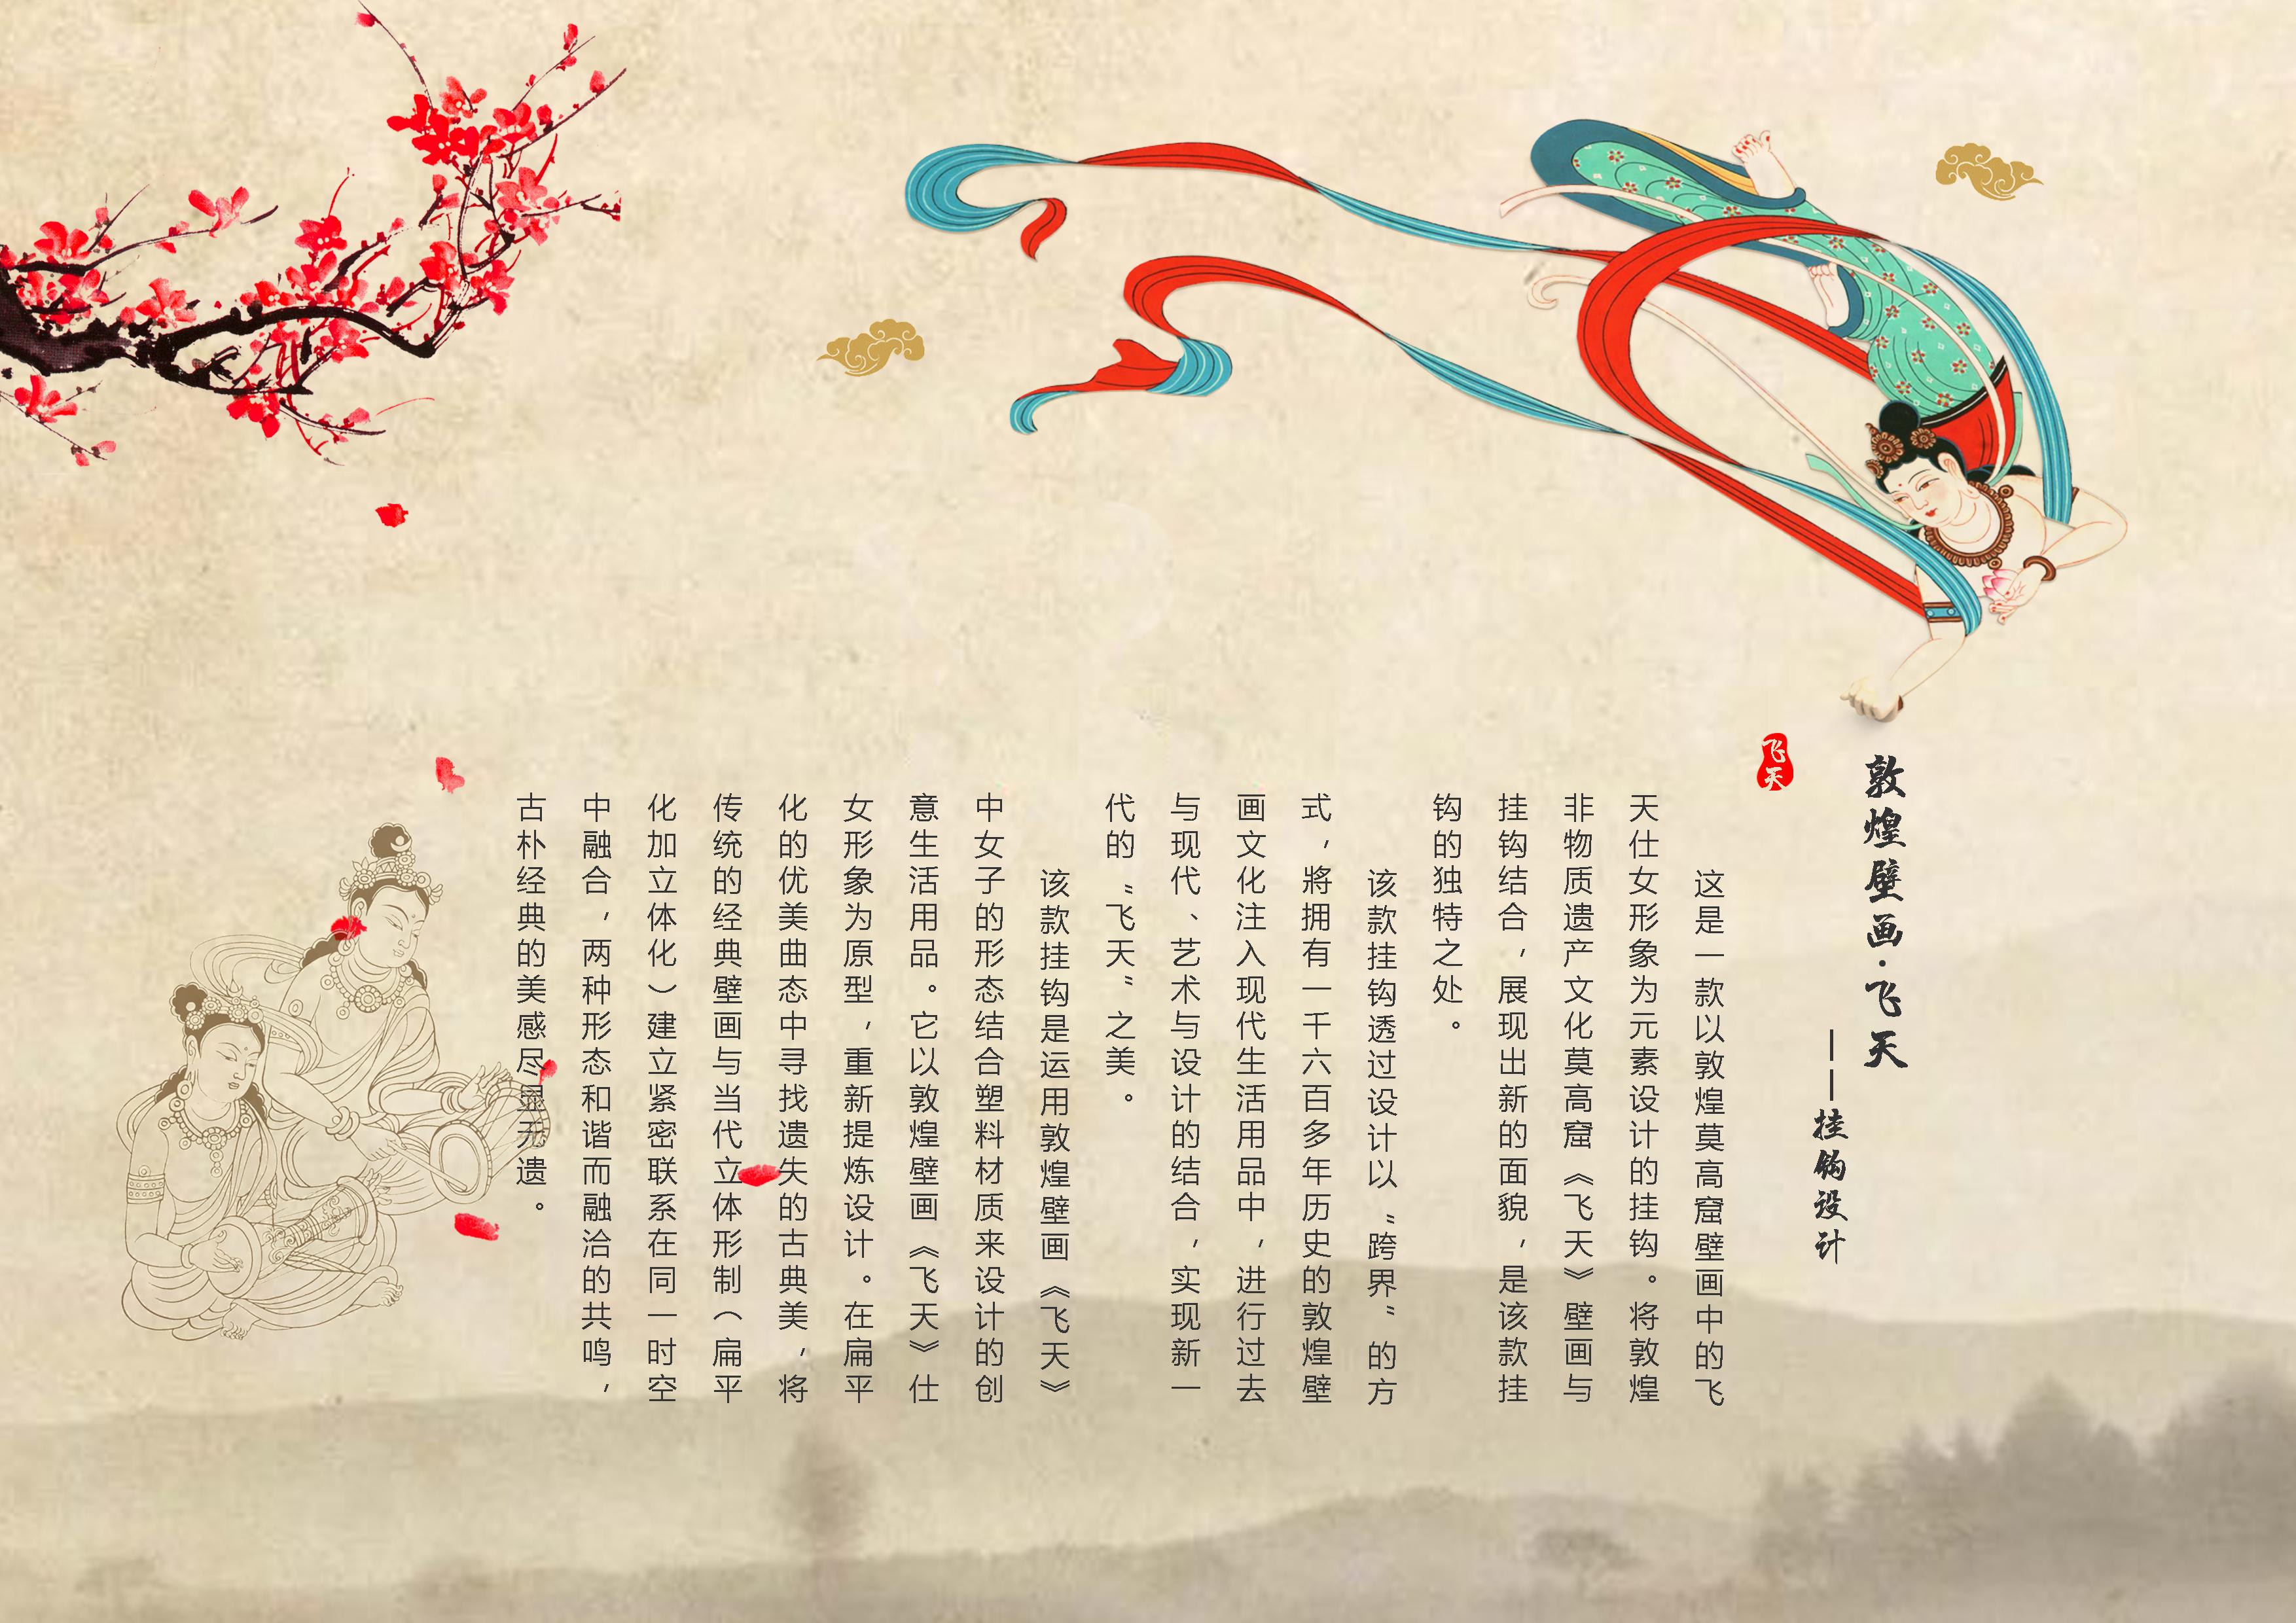 甘肃敦煌贺式旅游有限公司旅游纪念品设计——敦煌图片